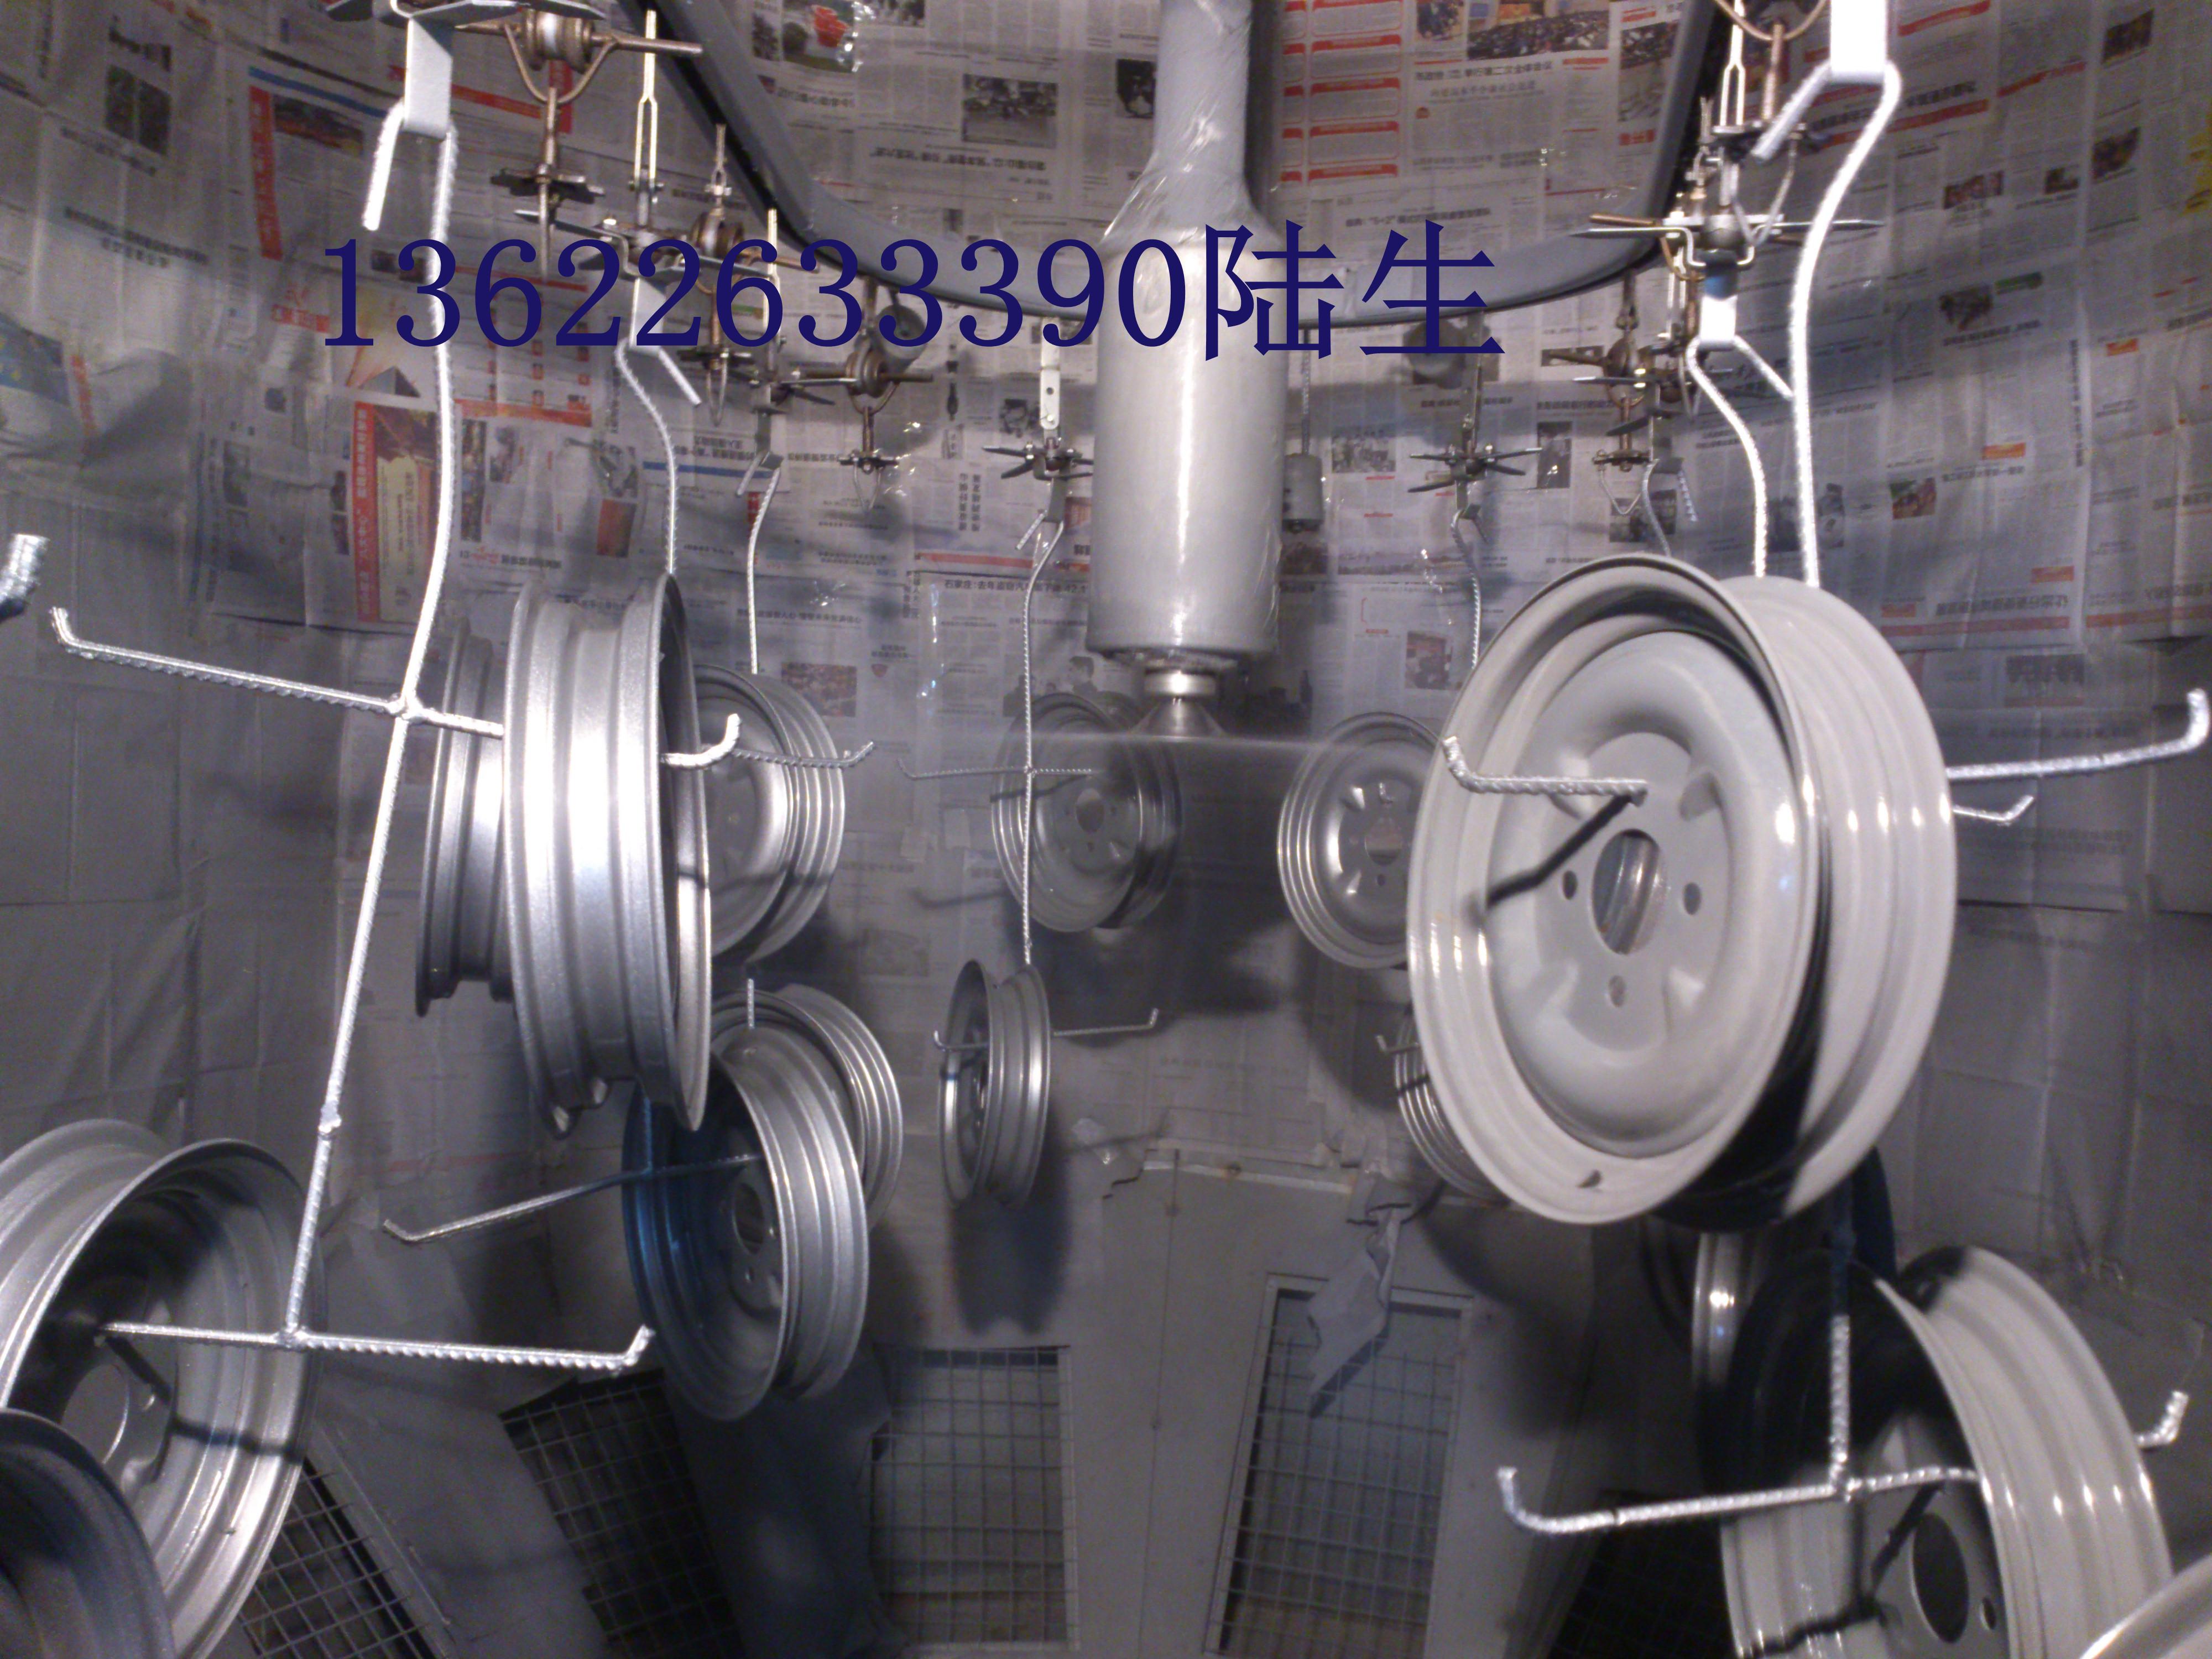 供应汽车轮毂全自动喷漆生产线、汽车配件自动喷漆设备、轮胎架自动喷漆整厂设备